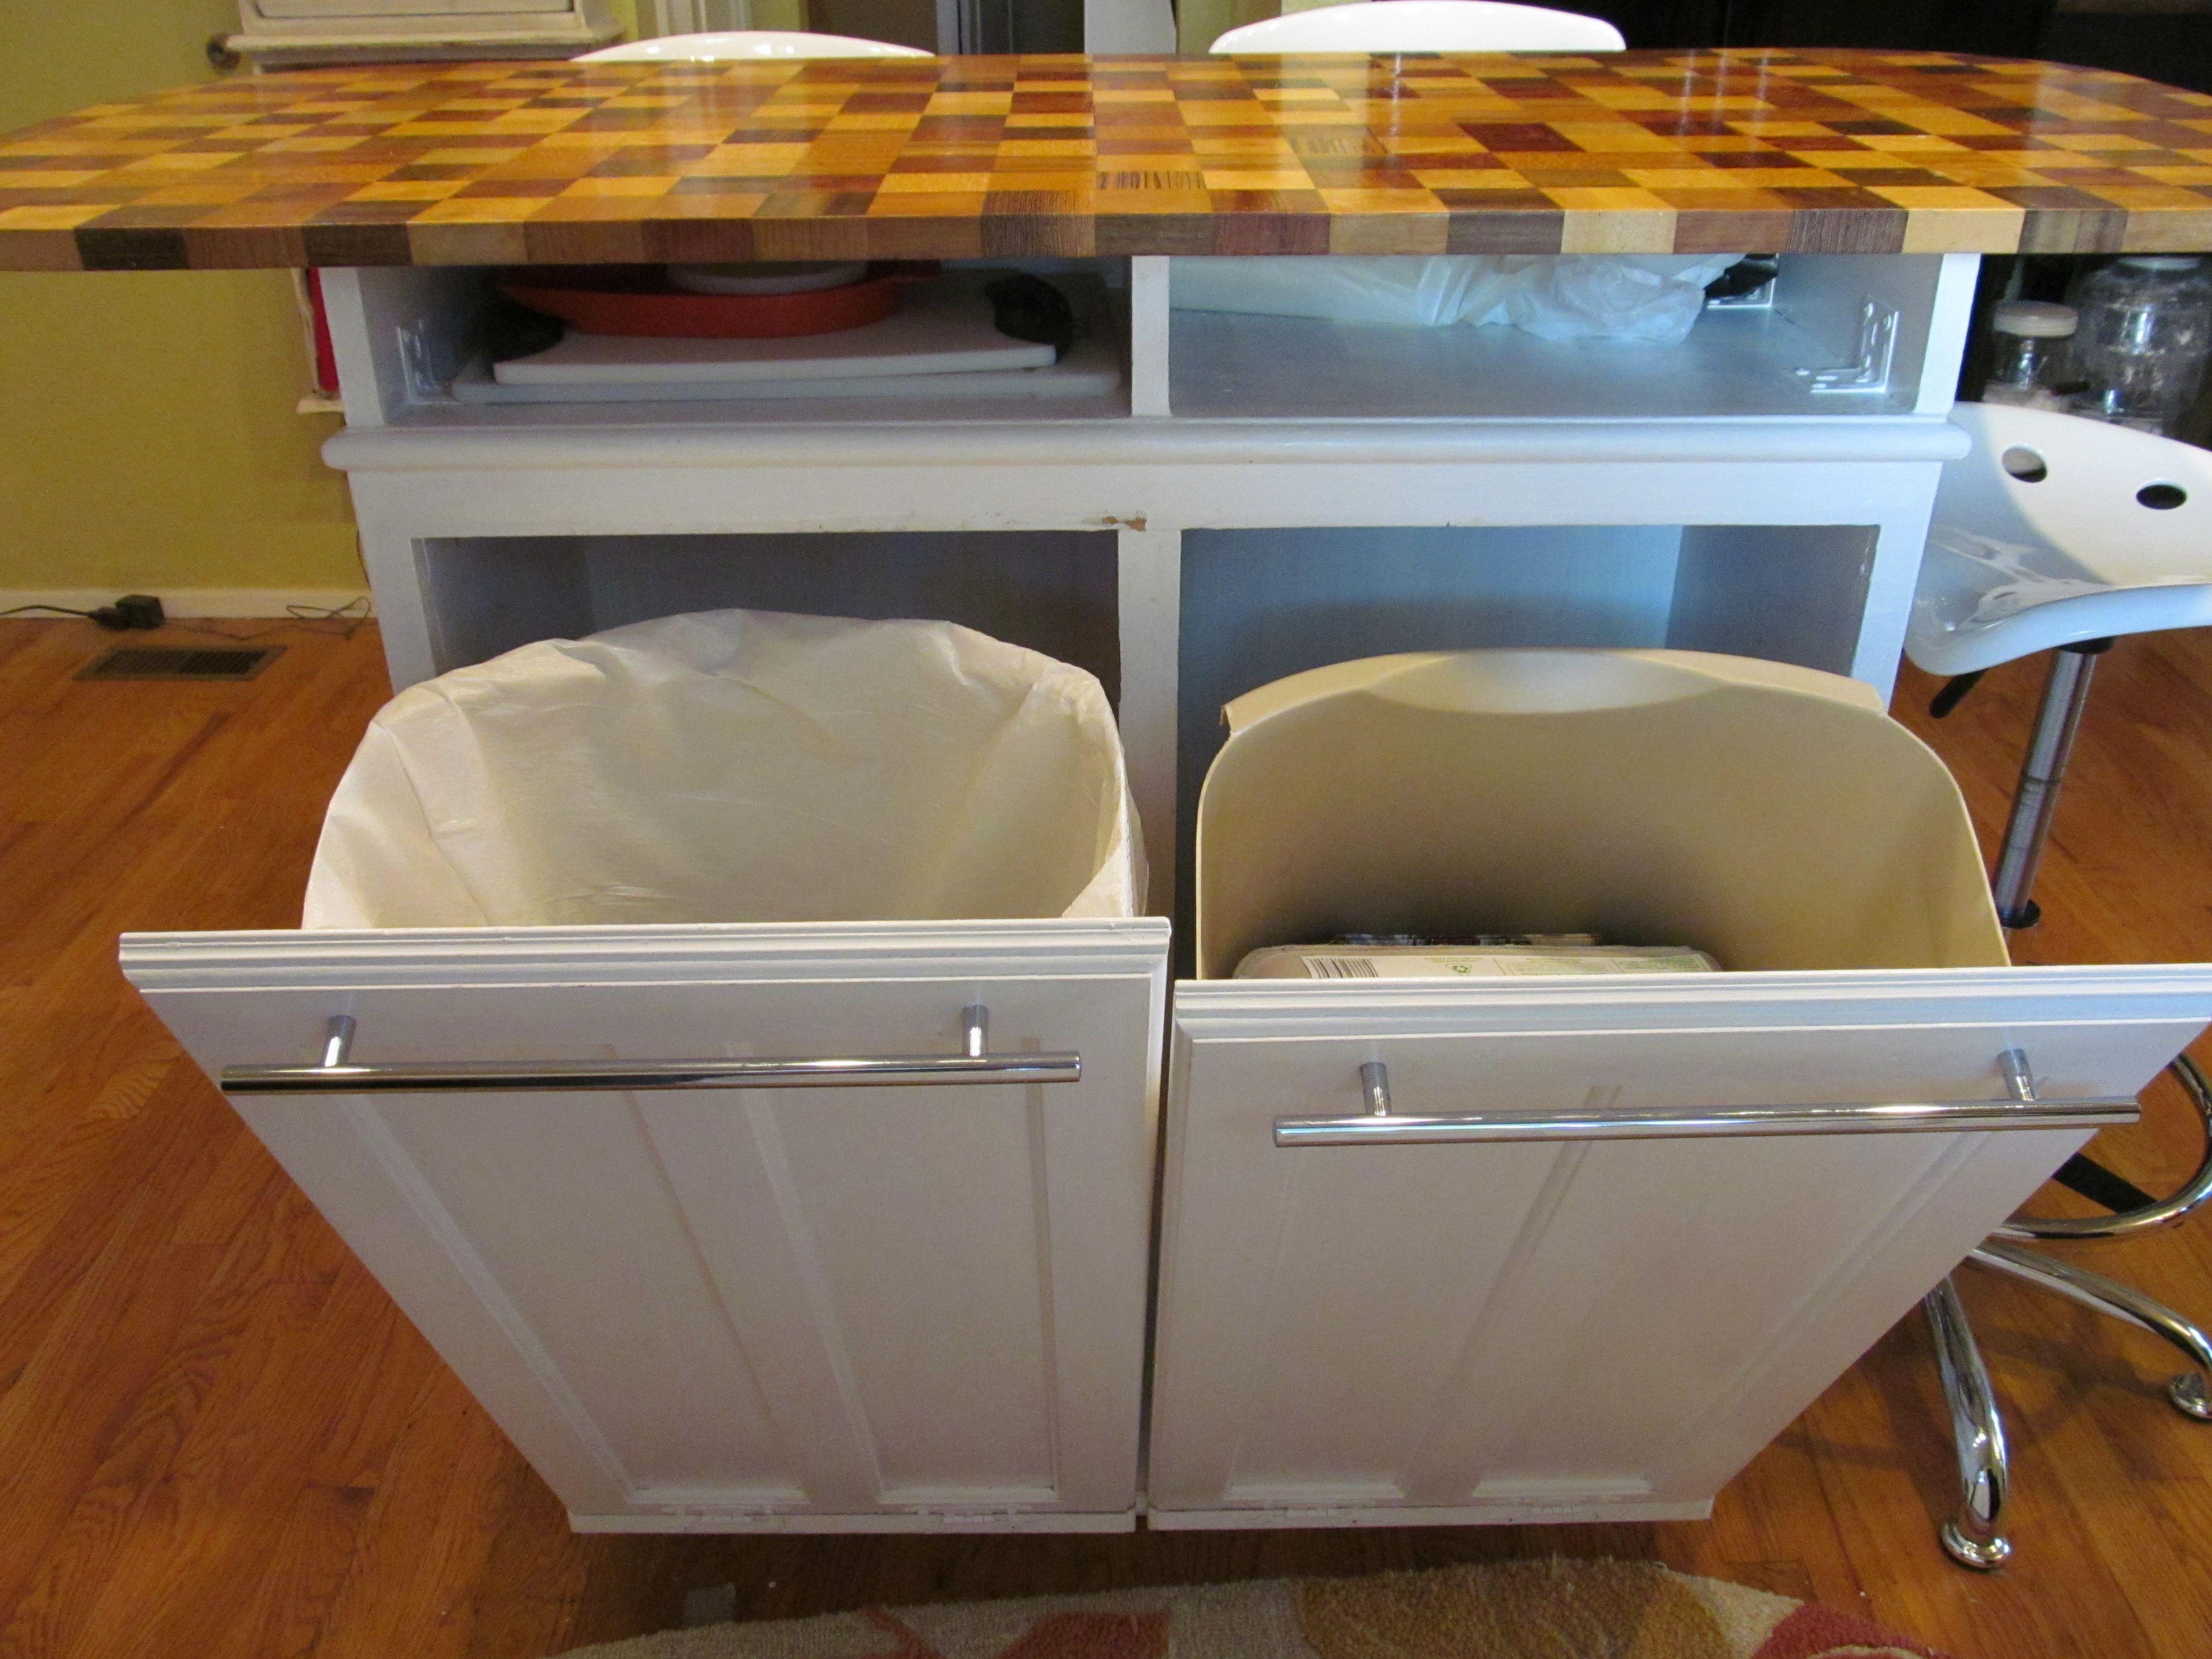 Kitchen Island Cart With Trash Bin Golaria Com In 2020 Kitchen Island Cabinets Repurposed Kitchen Trash Can Kitchen Island